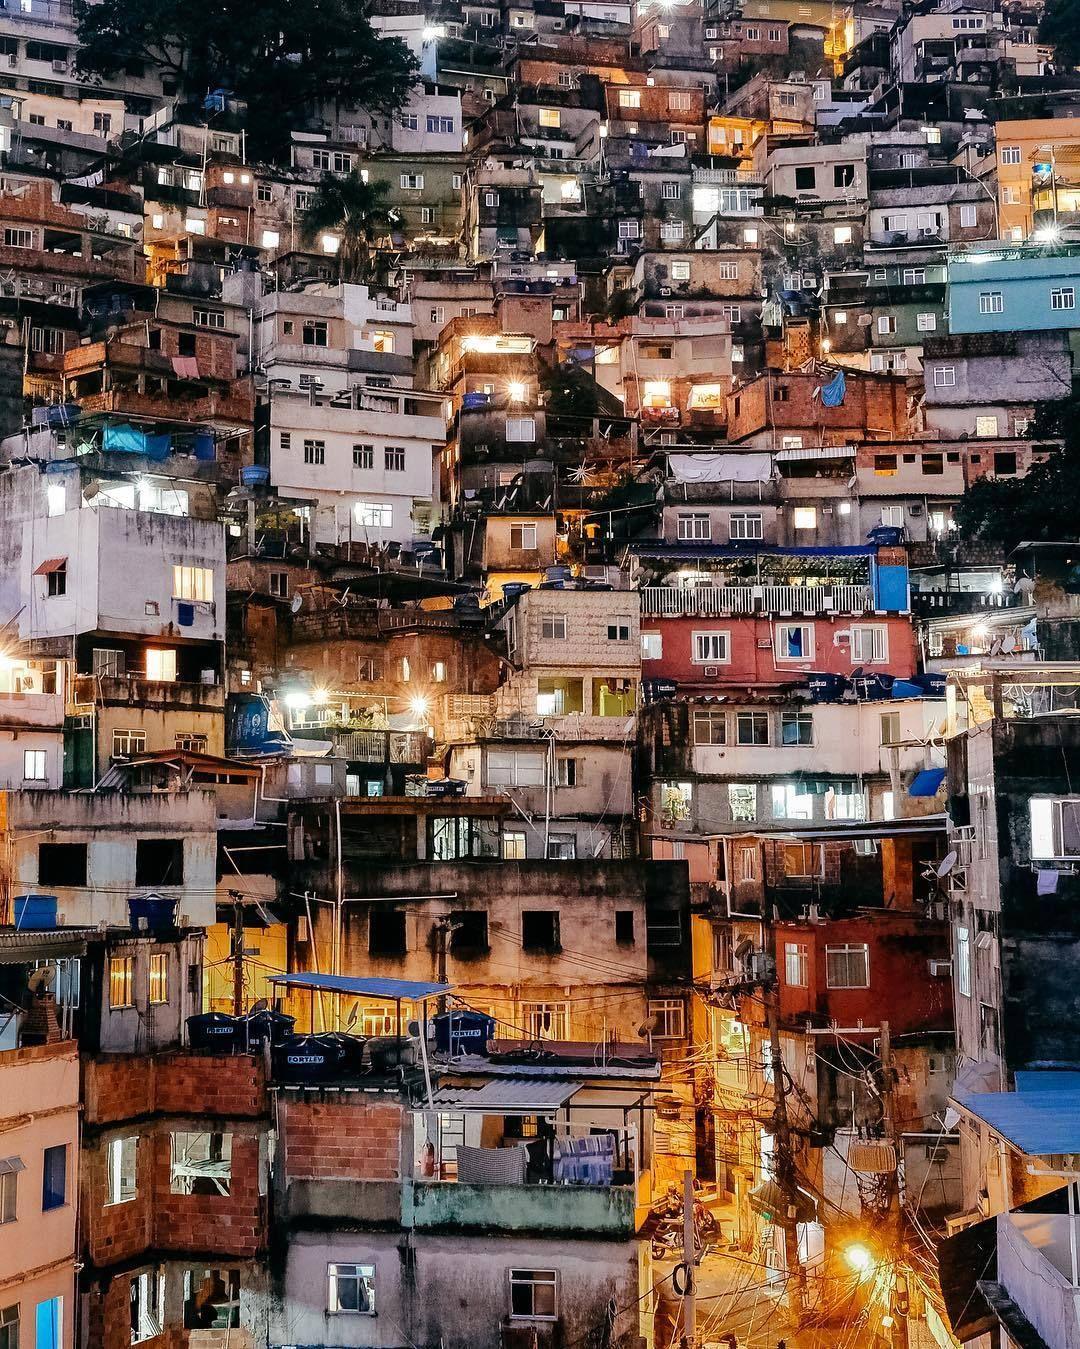 Fa C Em Deus Dÿs C In 2020 Brazil Travel Explore Brazil Rio De Janeiro